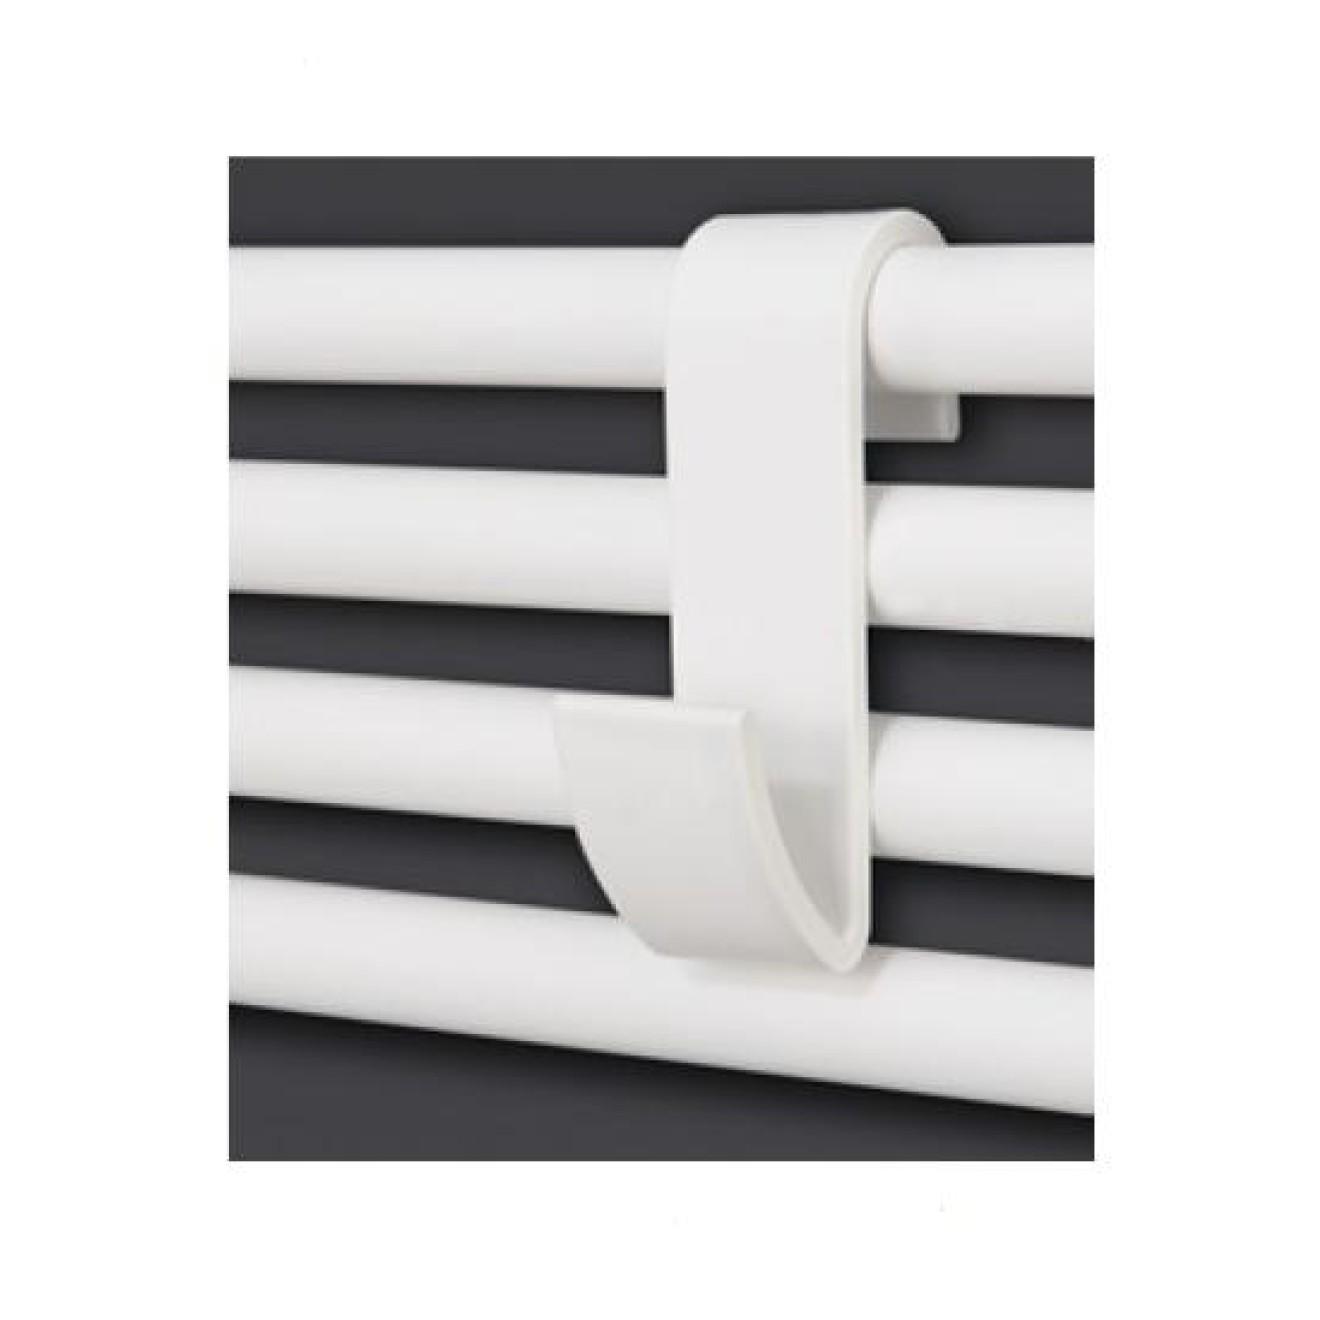 kleiderhaken handtuchhaken zum einh ngen an sprossen badheizk rper weiss treffpunkt bad der. Black Bedroom Furniture Sets. Home Design Ideas